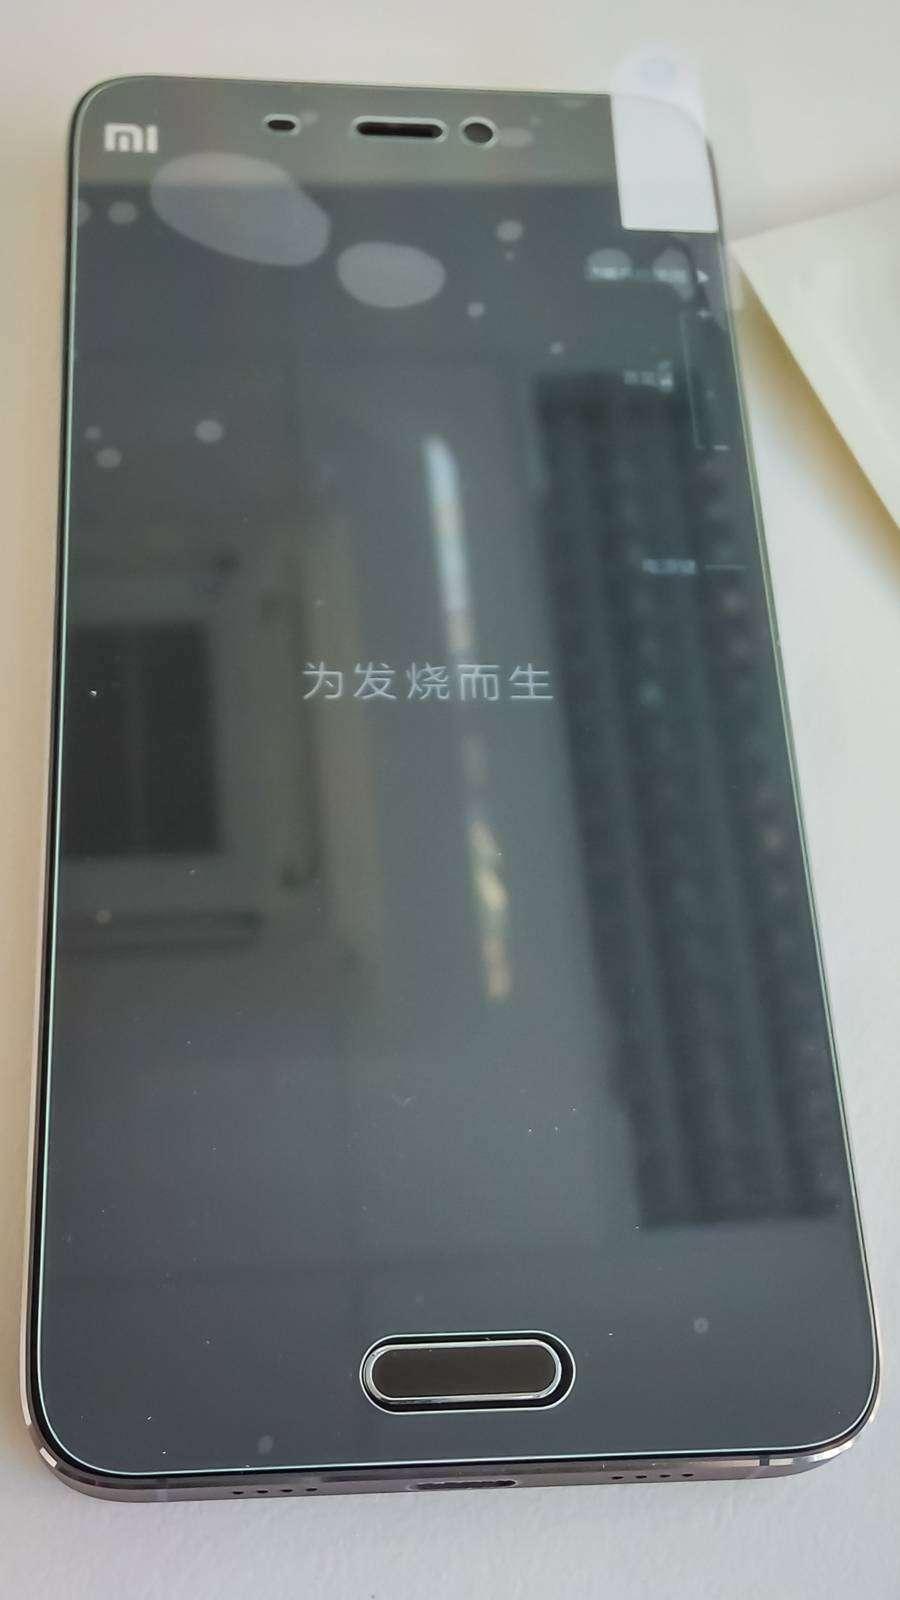 Aliexpress: Защитное стекло NILLKIN для Xiaomi Mi5